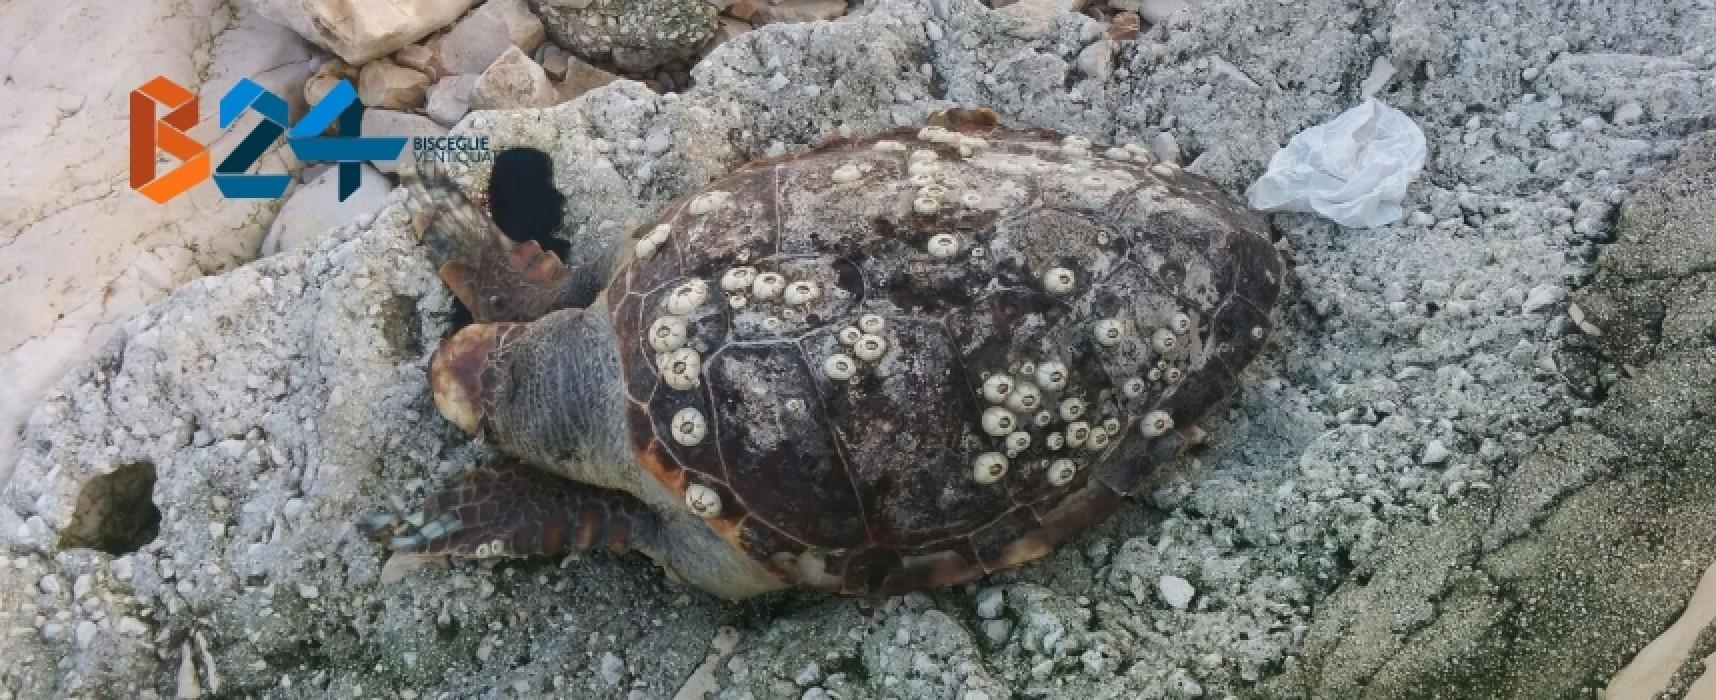 Ritrovata ieri mattina carcassa di tartaruga nella zona di levante